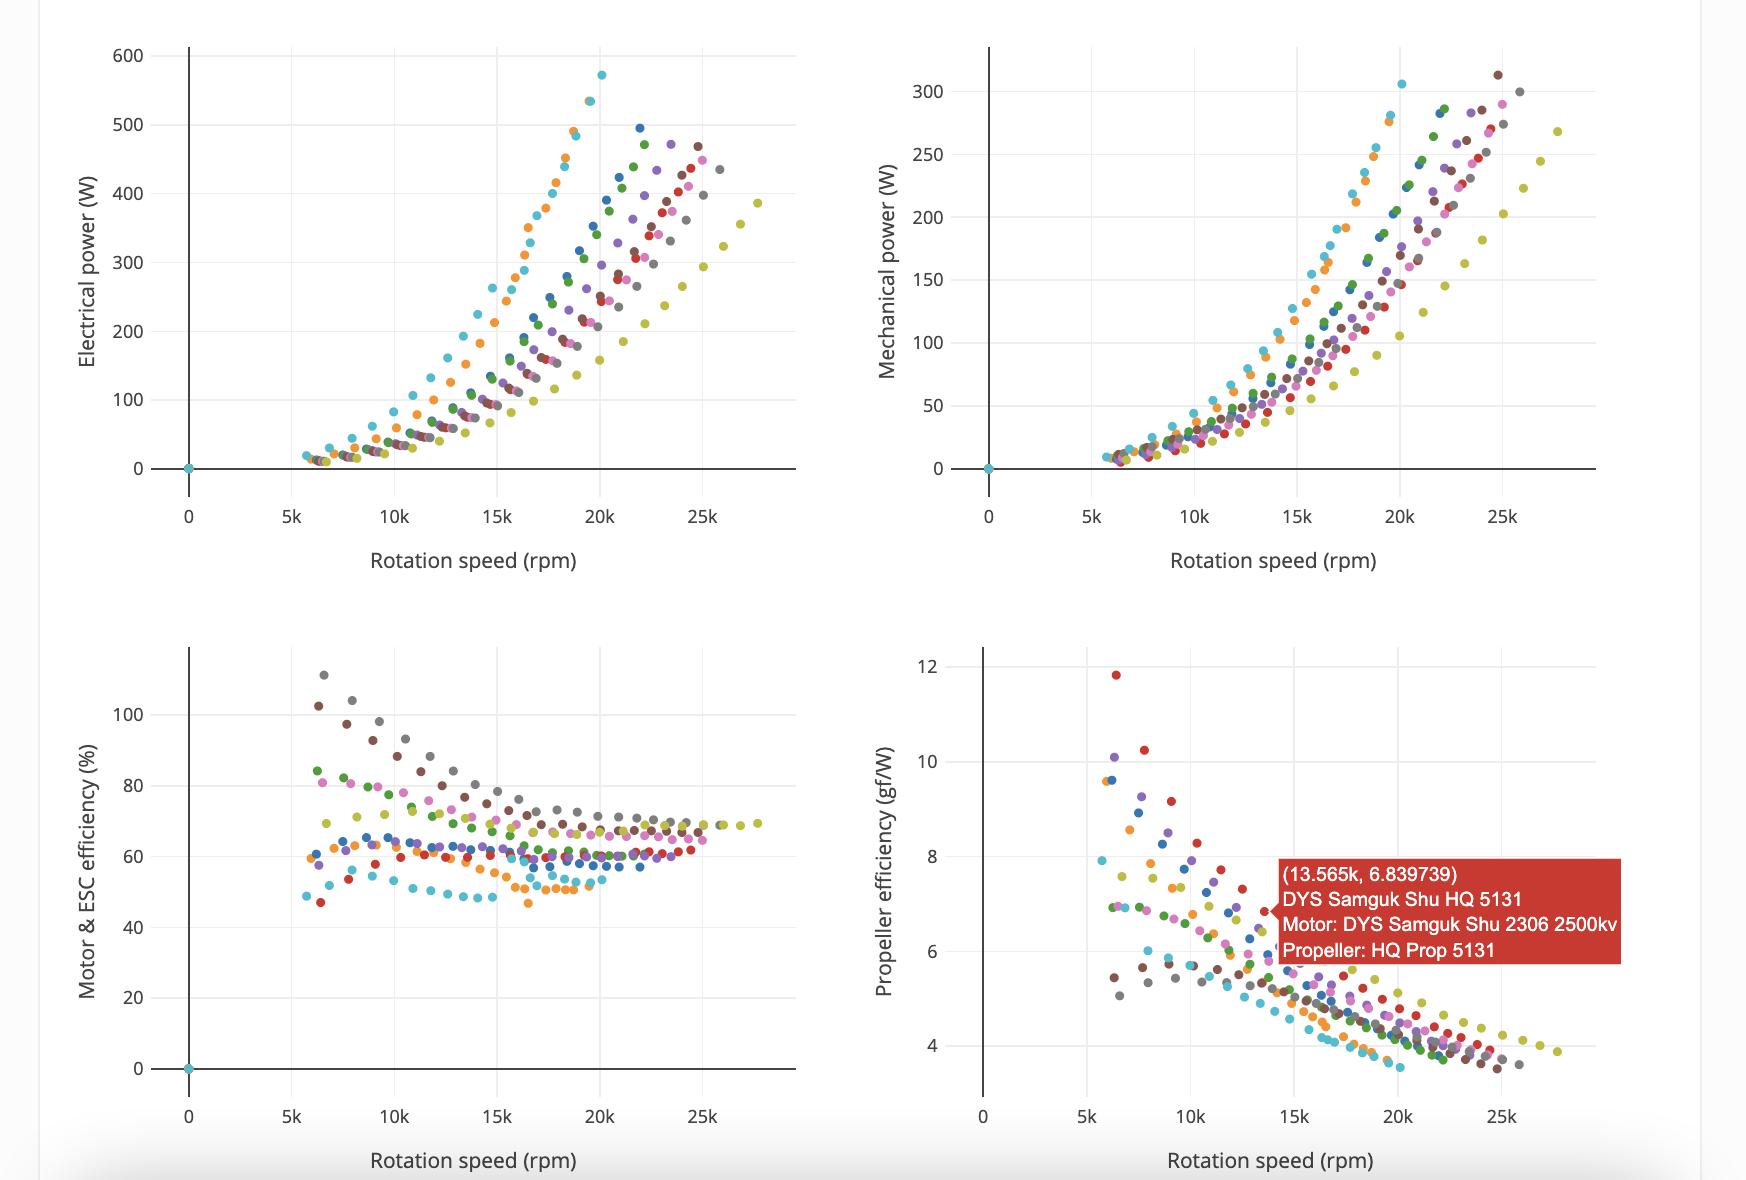 data plots comparing motor-propeller combinations